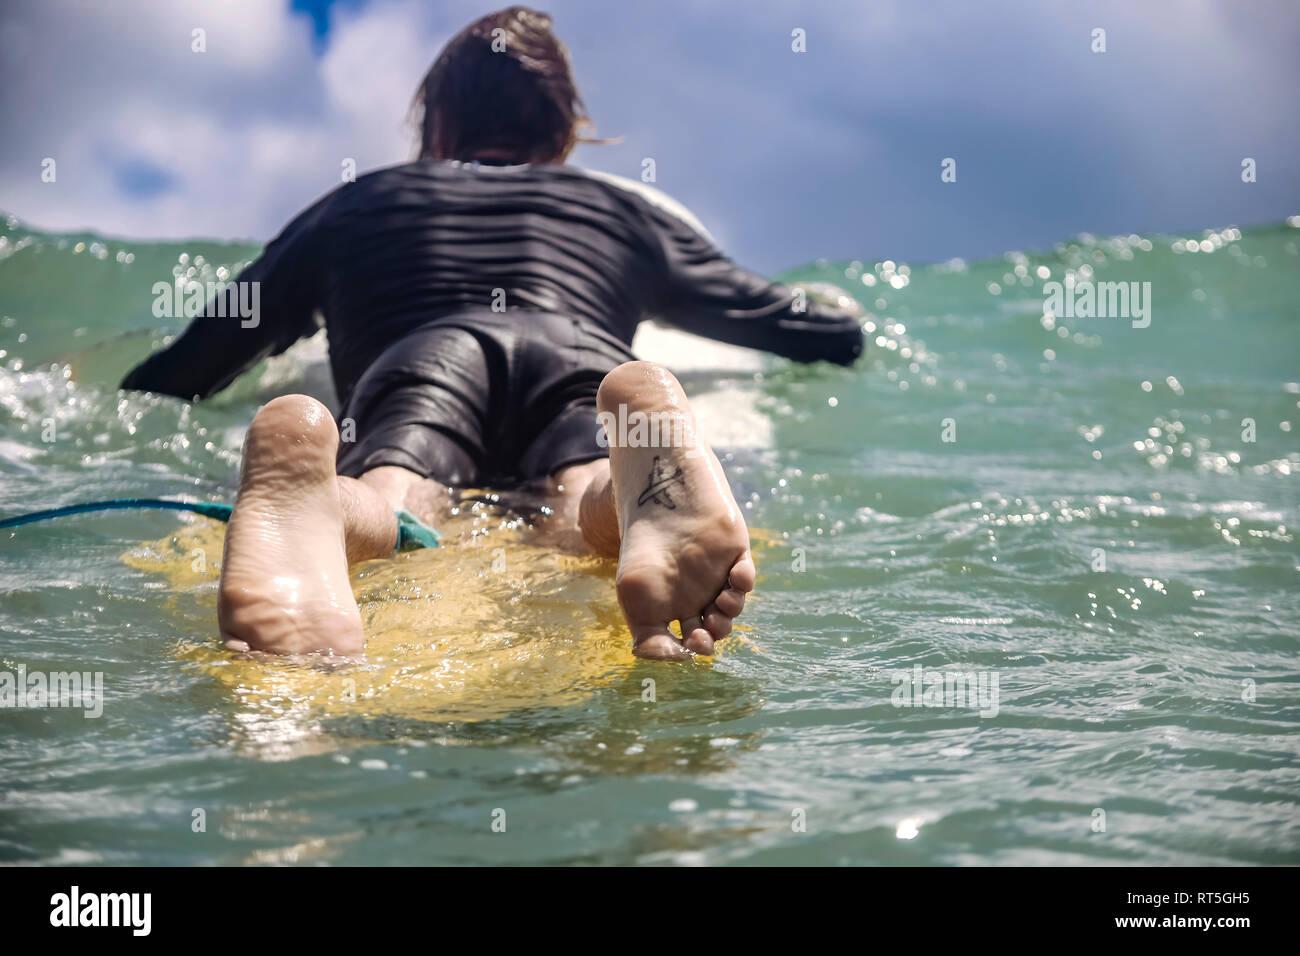 Indonesien, Bali, Kuta, Surfer liegen auf Surfbrett, Tattoo auf der Fußsohle Stockfoto